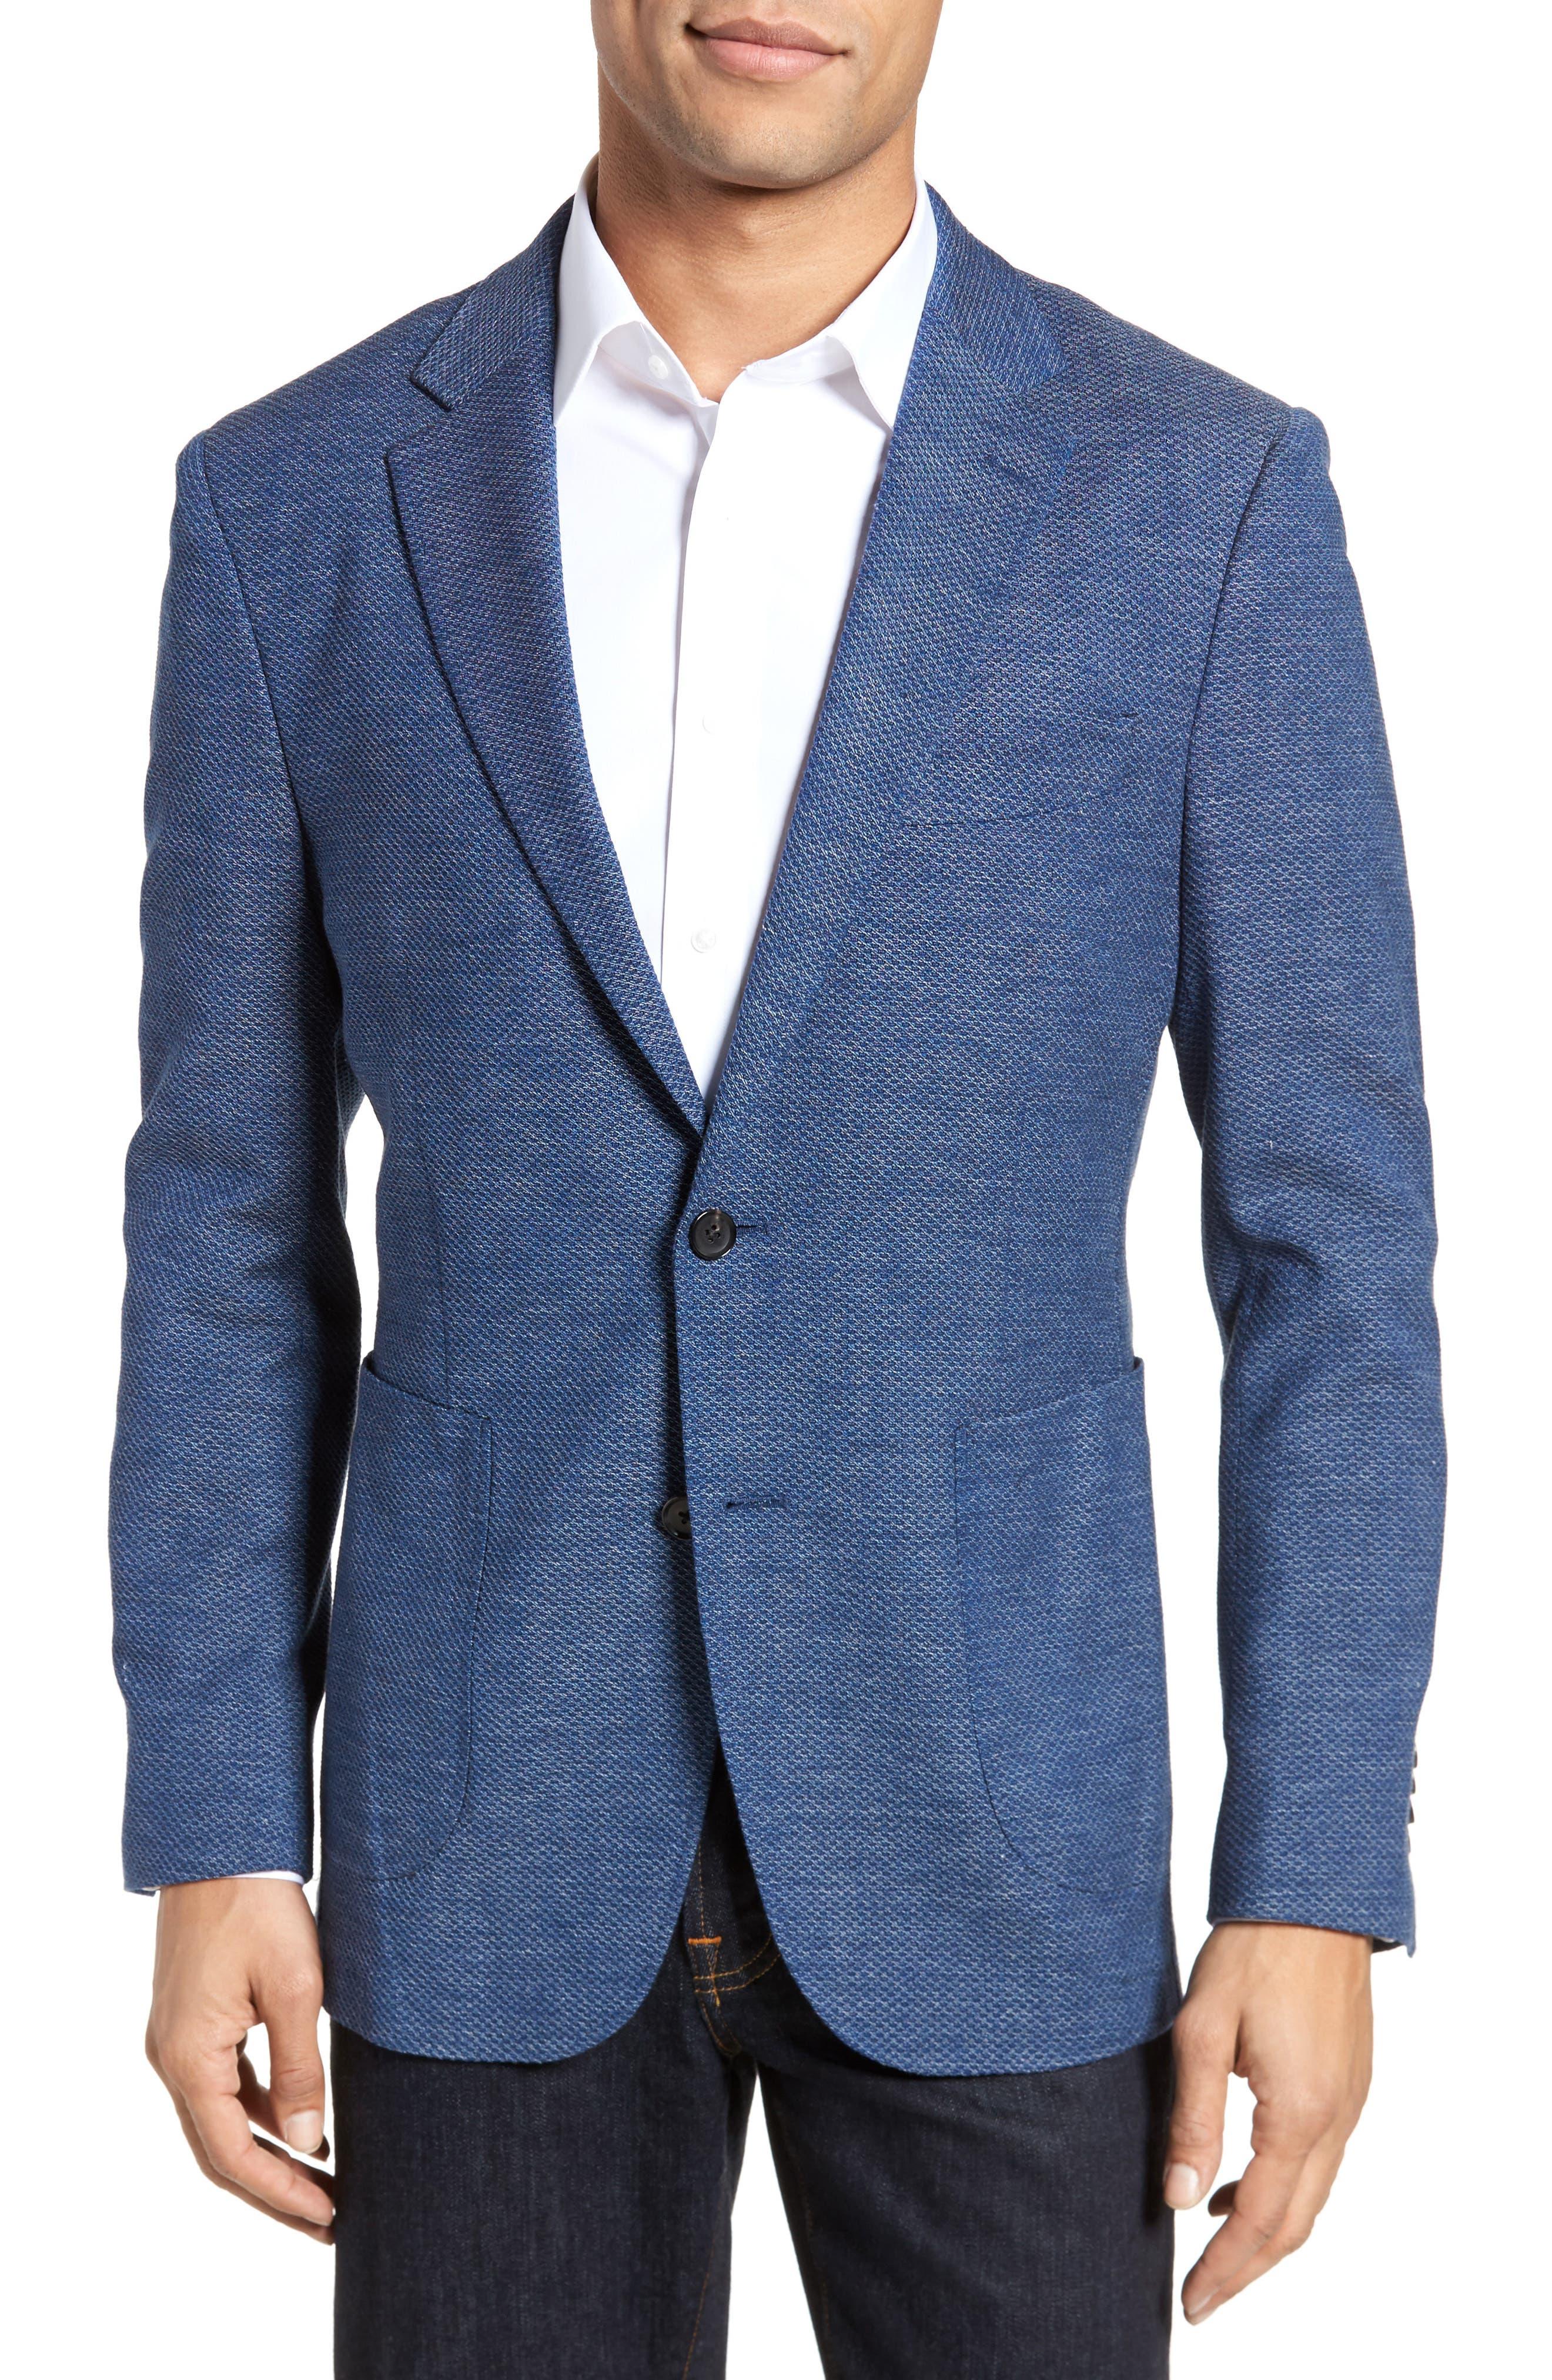 Fife Street Wool Blend Blazer,                         Main,                         color, 432